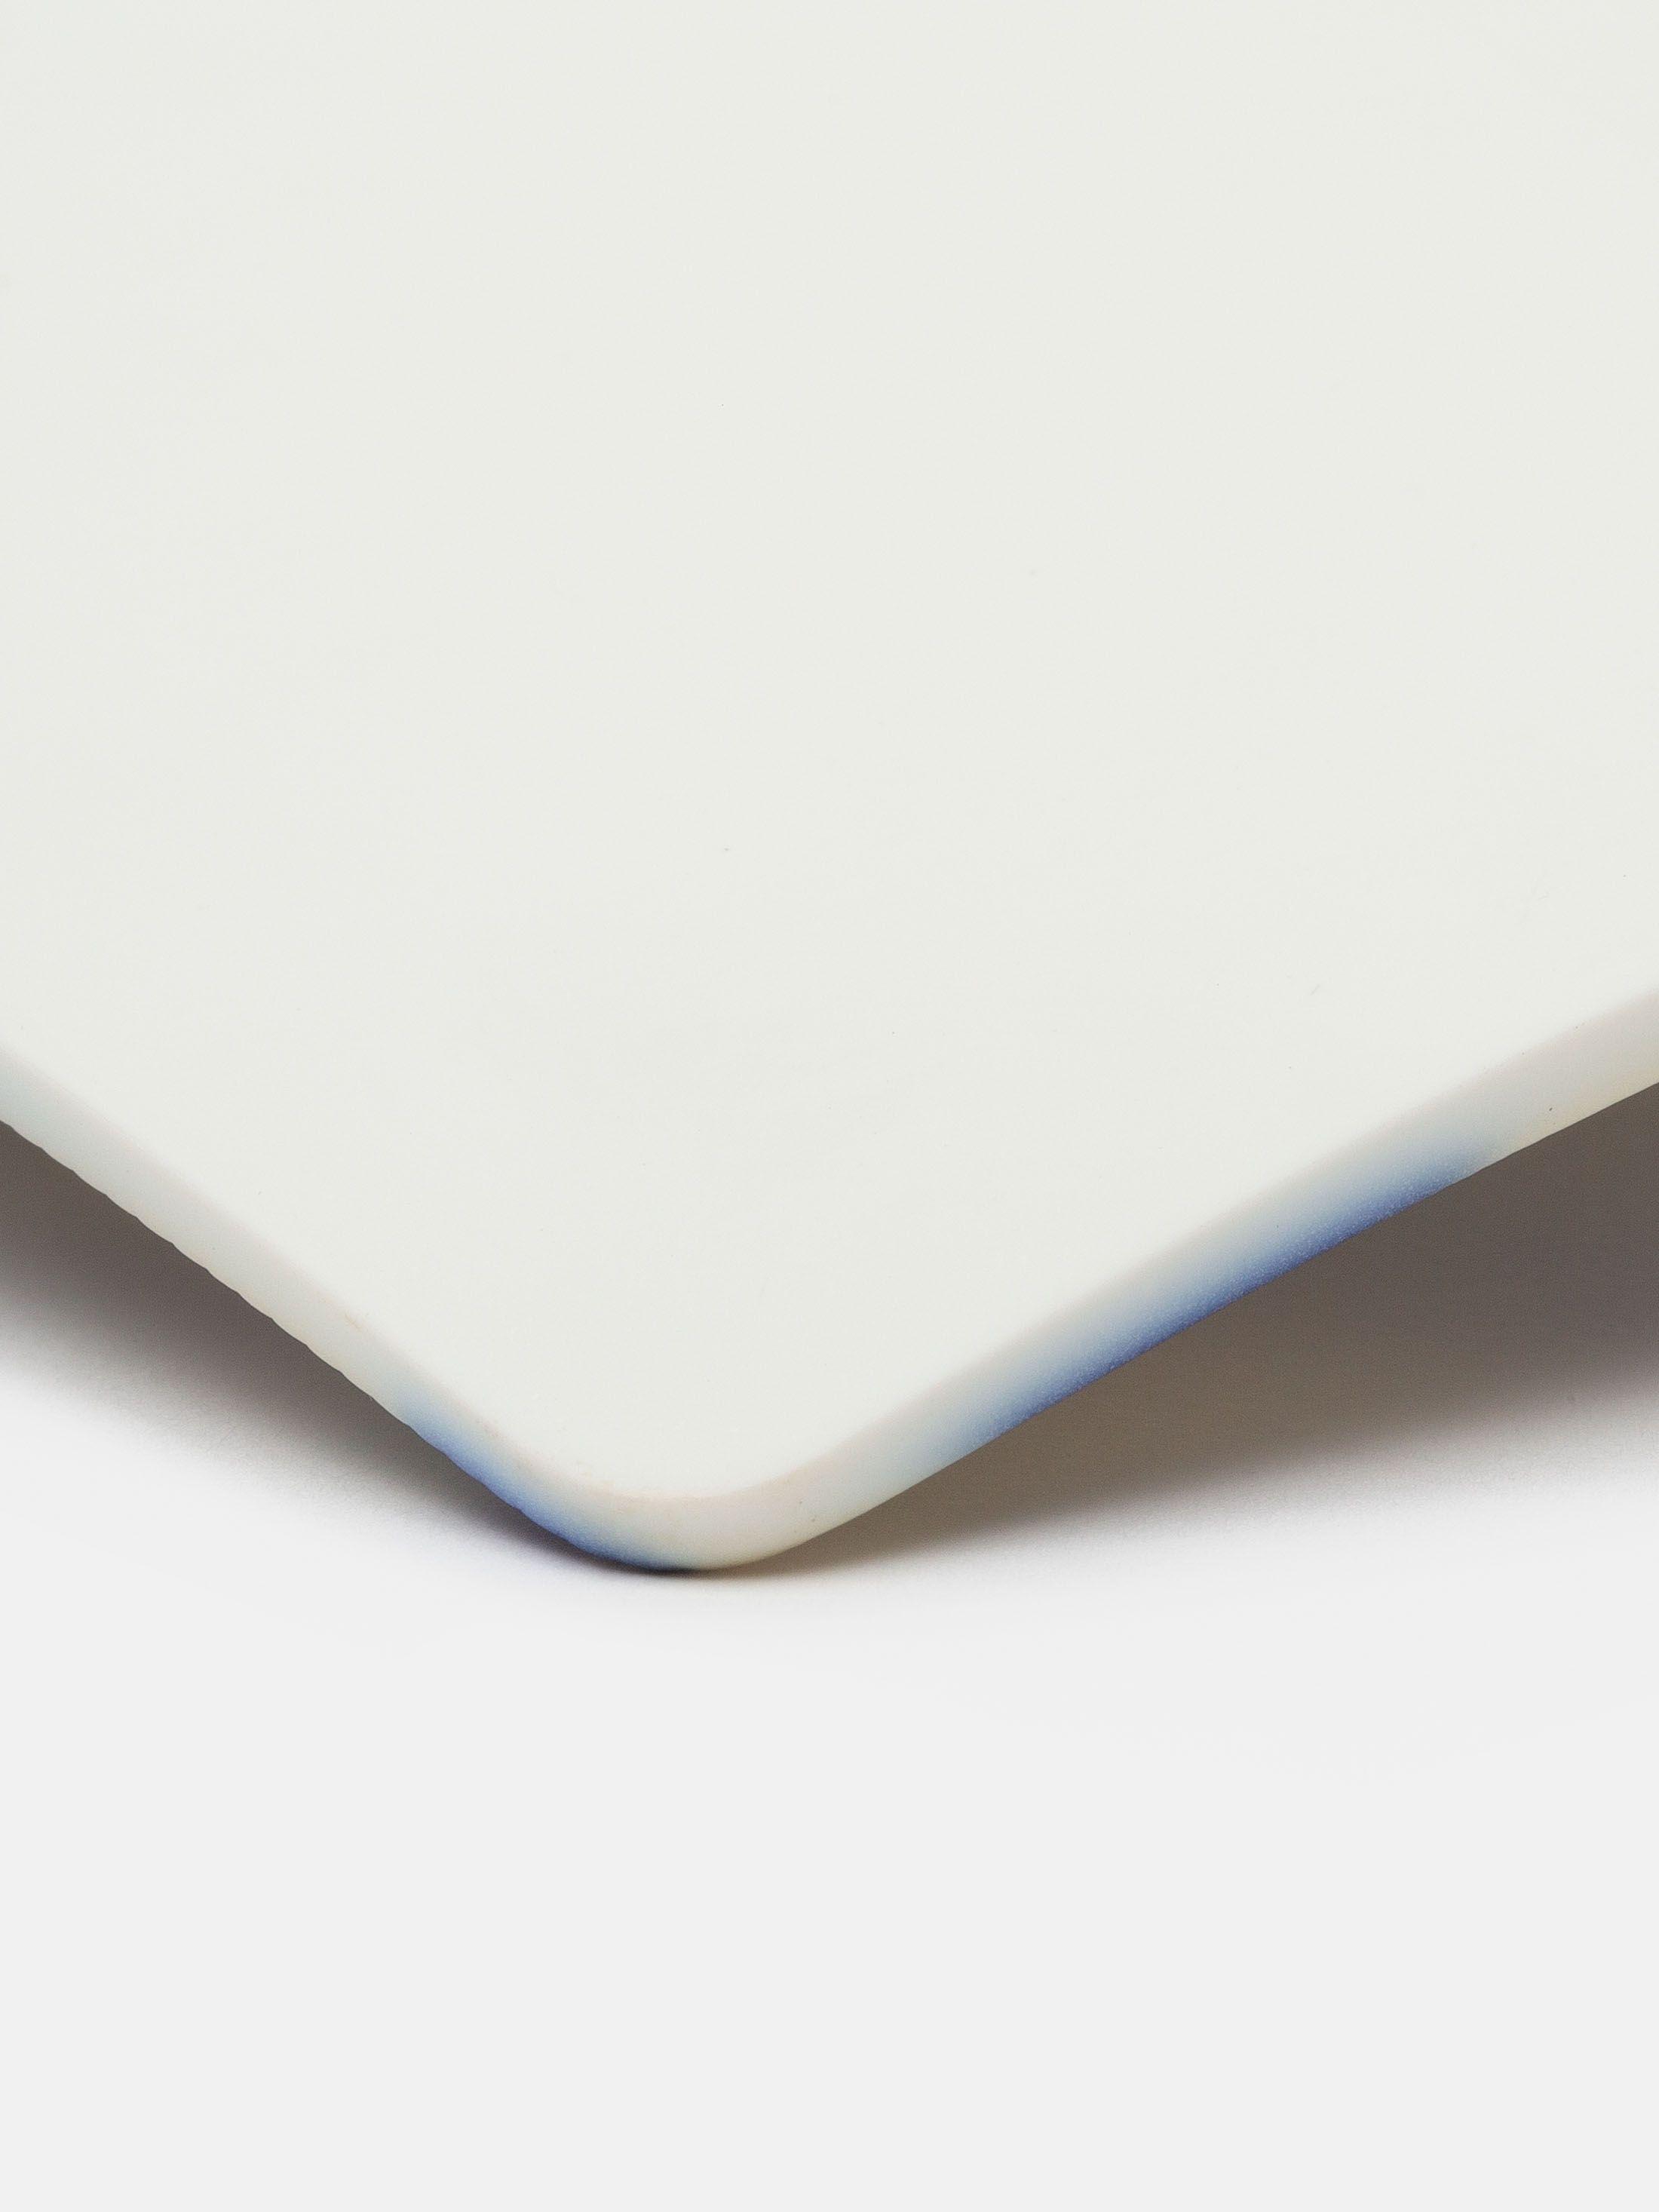 design yourself serving platter